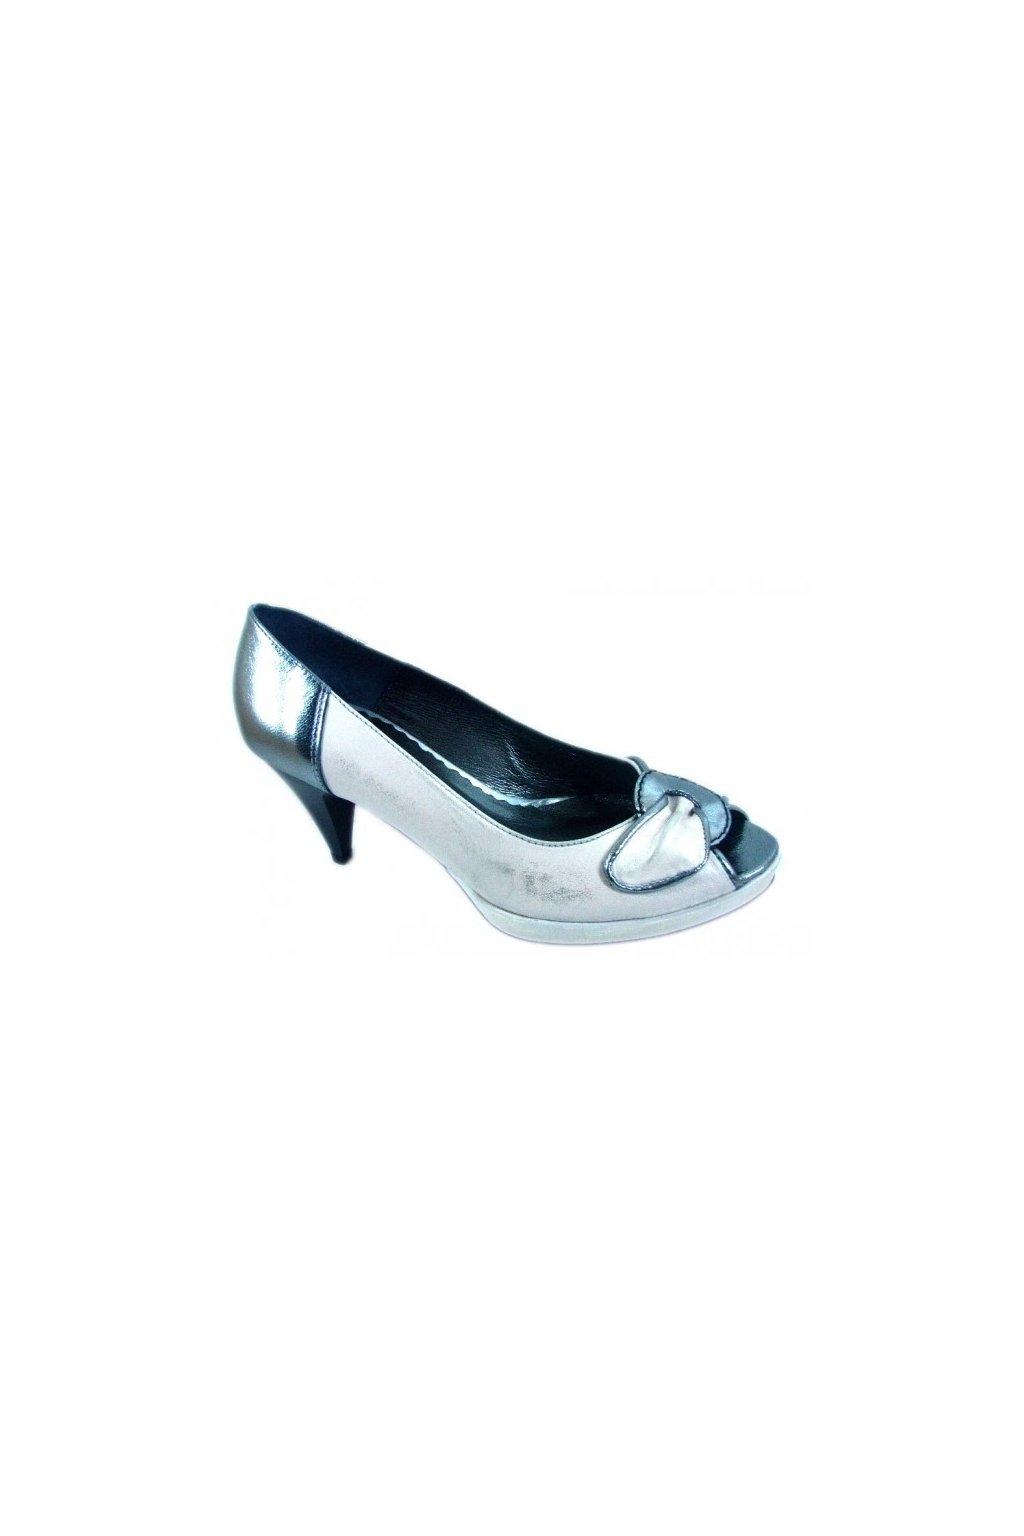 Podměrná dámská obuv Hujo C87